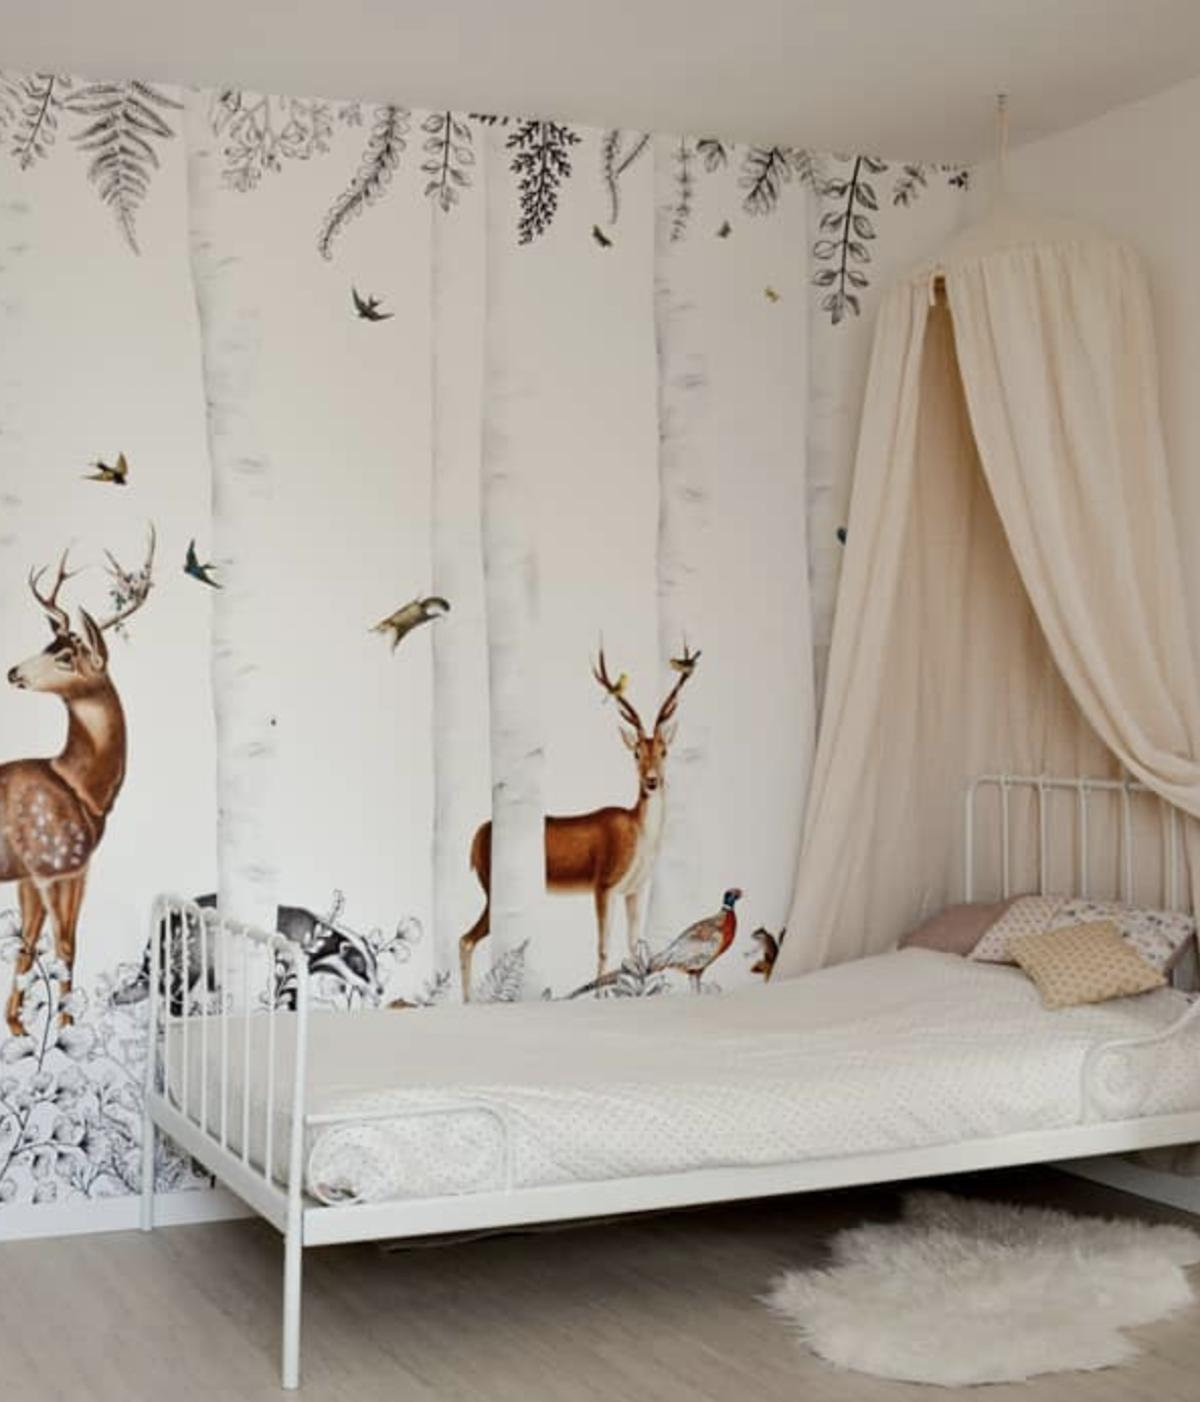 chambre petite fille dans les bois lit barreaux blanc cerfs Loisel Industry - clemaroundthecorner